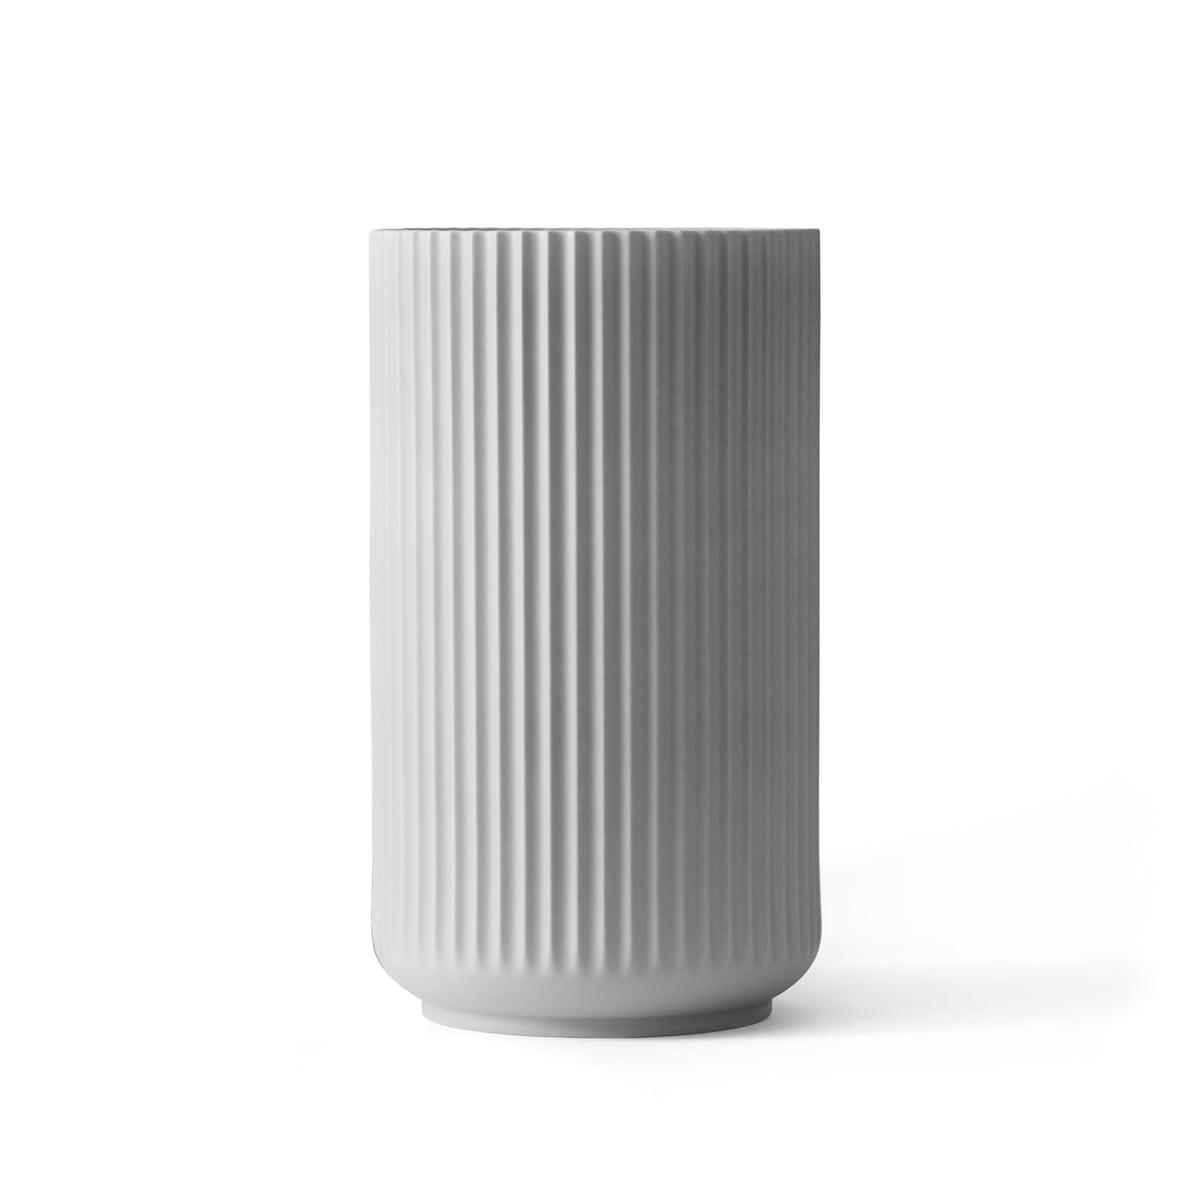 lyngby vase light grey in the shop online. Black Bedroom Furniture Sets. Home Design Ideas